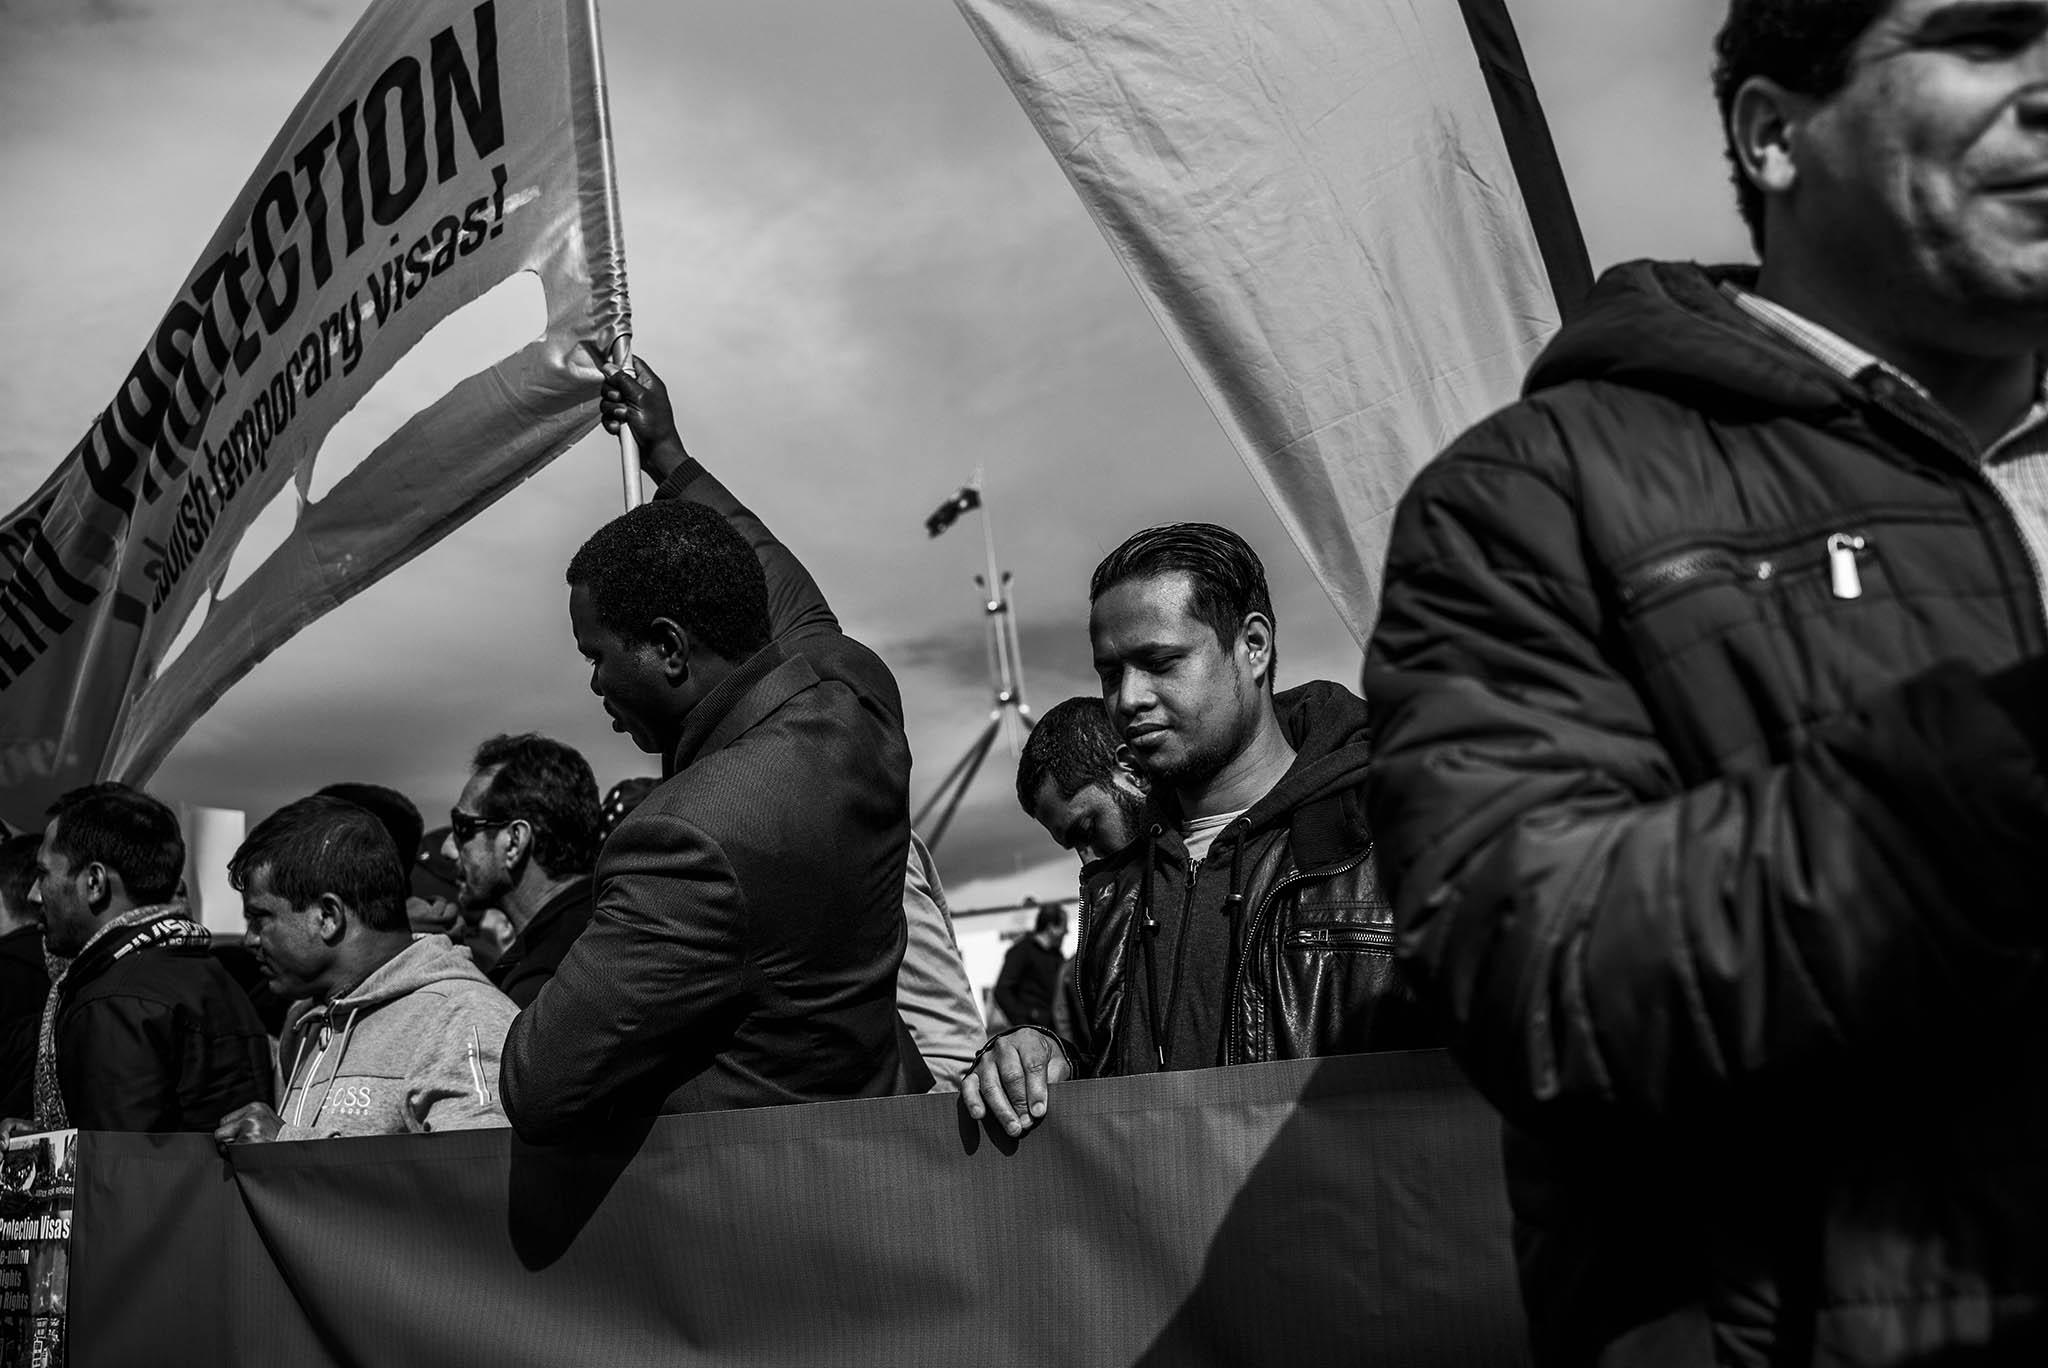 20190729_Refugee_Protest_0667.jpg